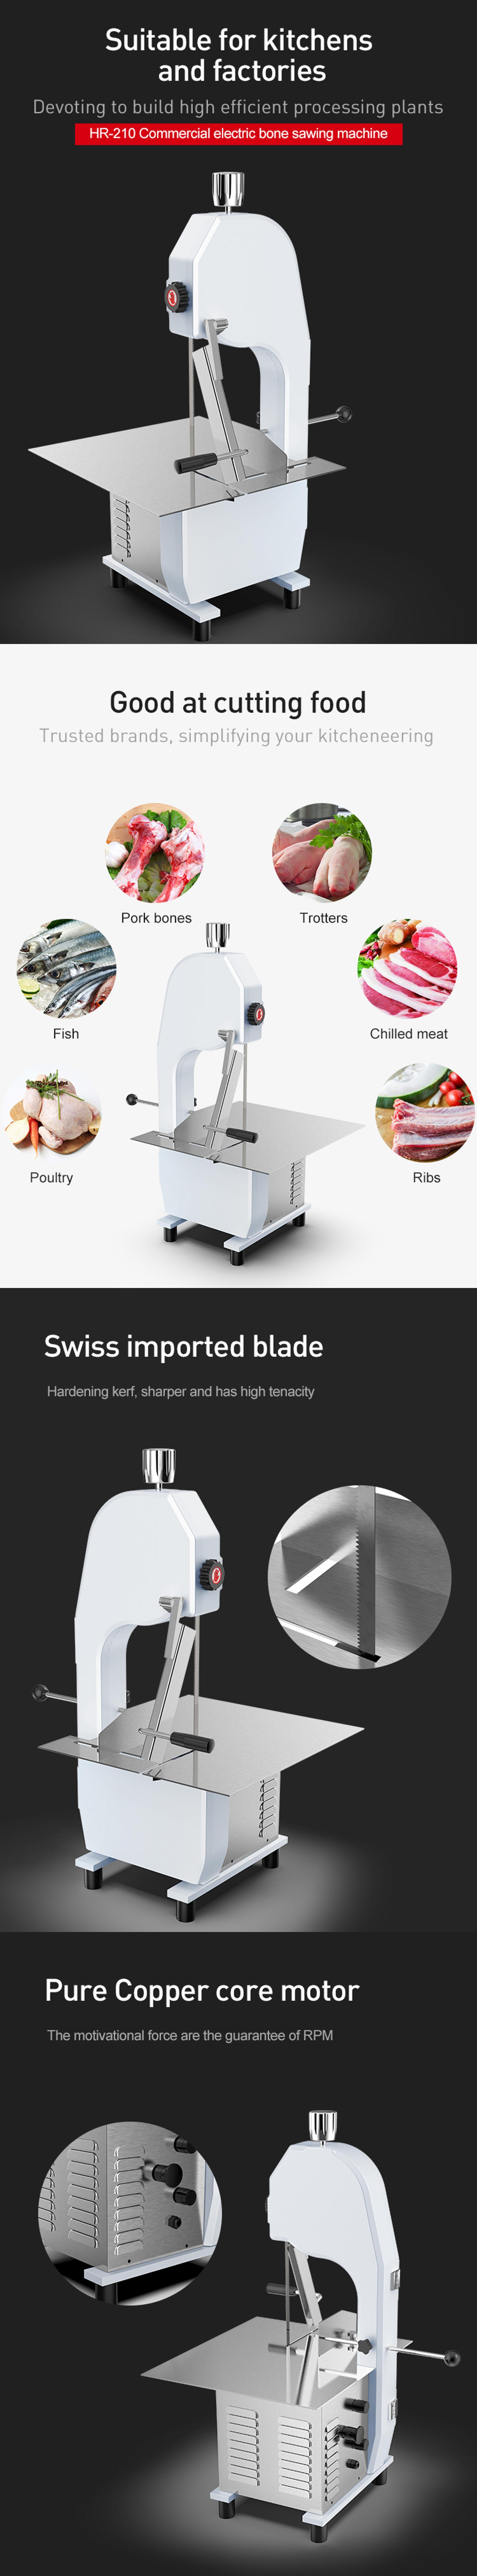 Electric Meat Bone Saw machine Bone cutting Saw Meat and bone cutters